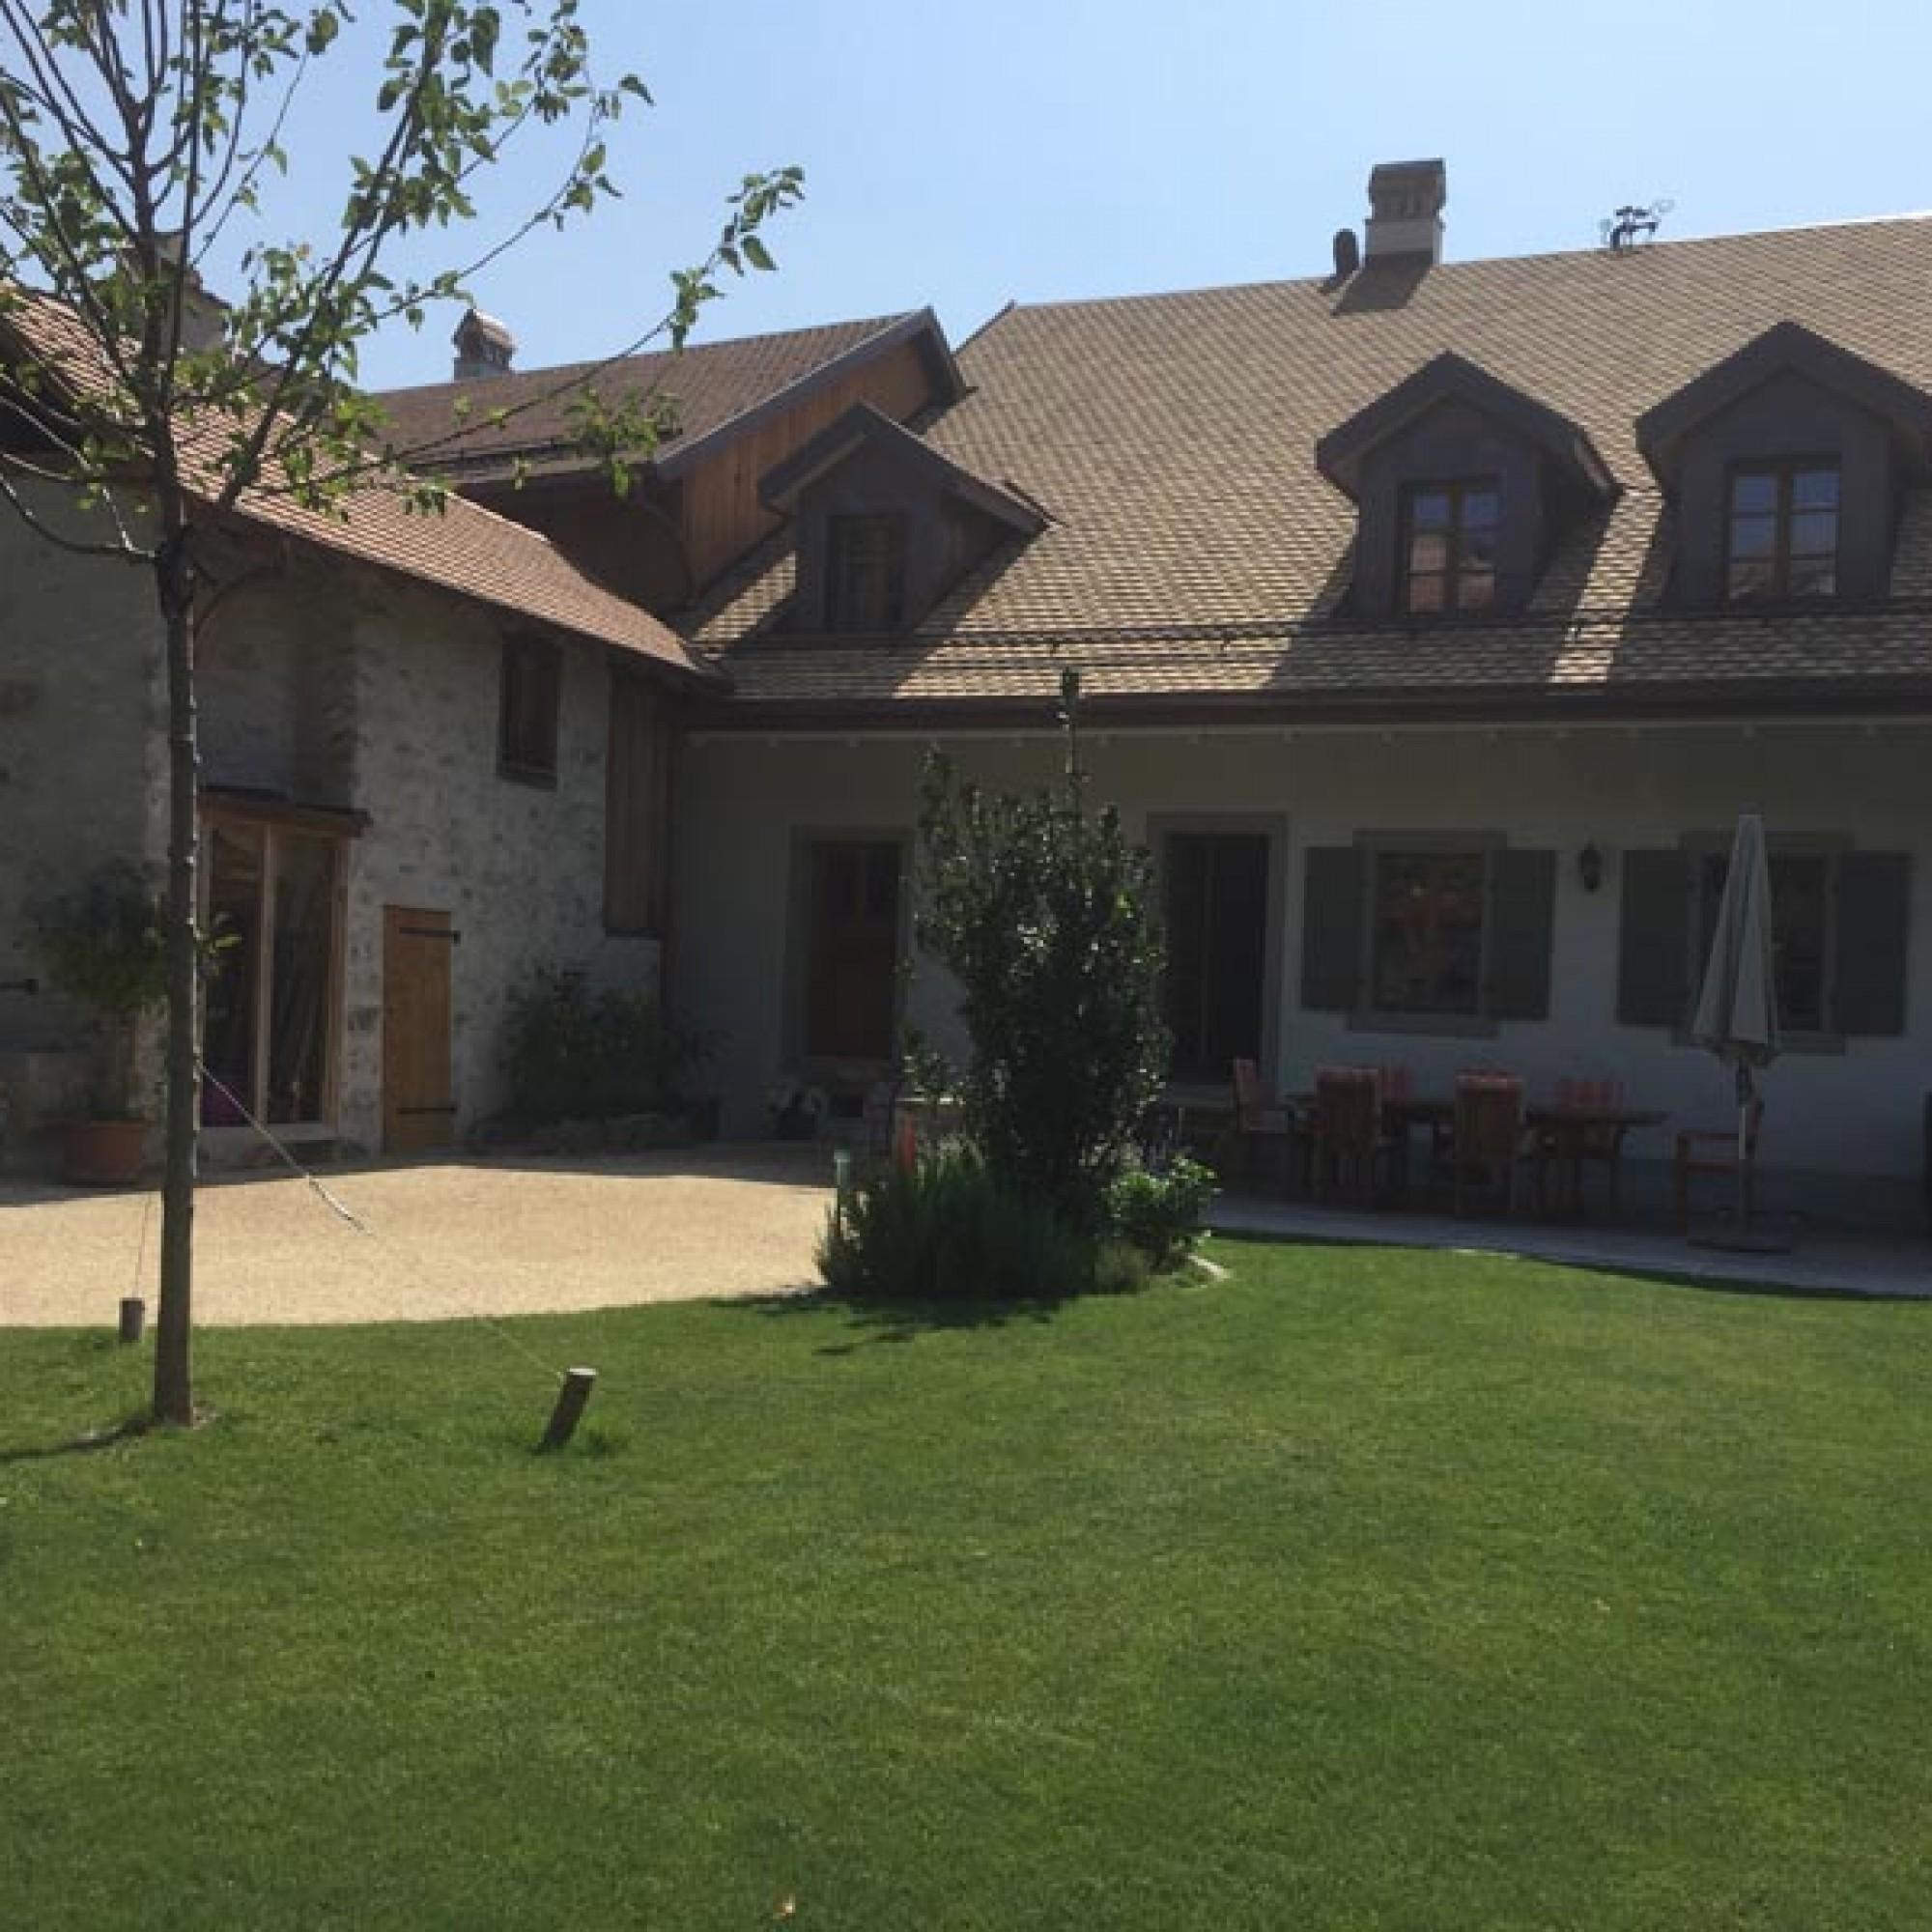 La maison, côté cour, se prolonge d'un jardin potager et d'un petit verger. Une annexe abrite le four à pain d'époque, toujours en fonction.